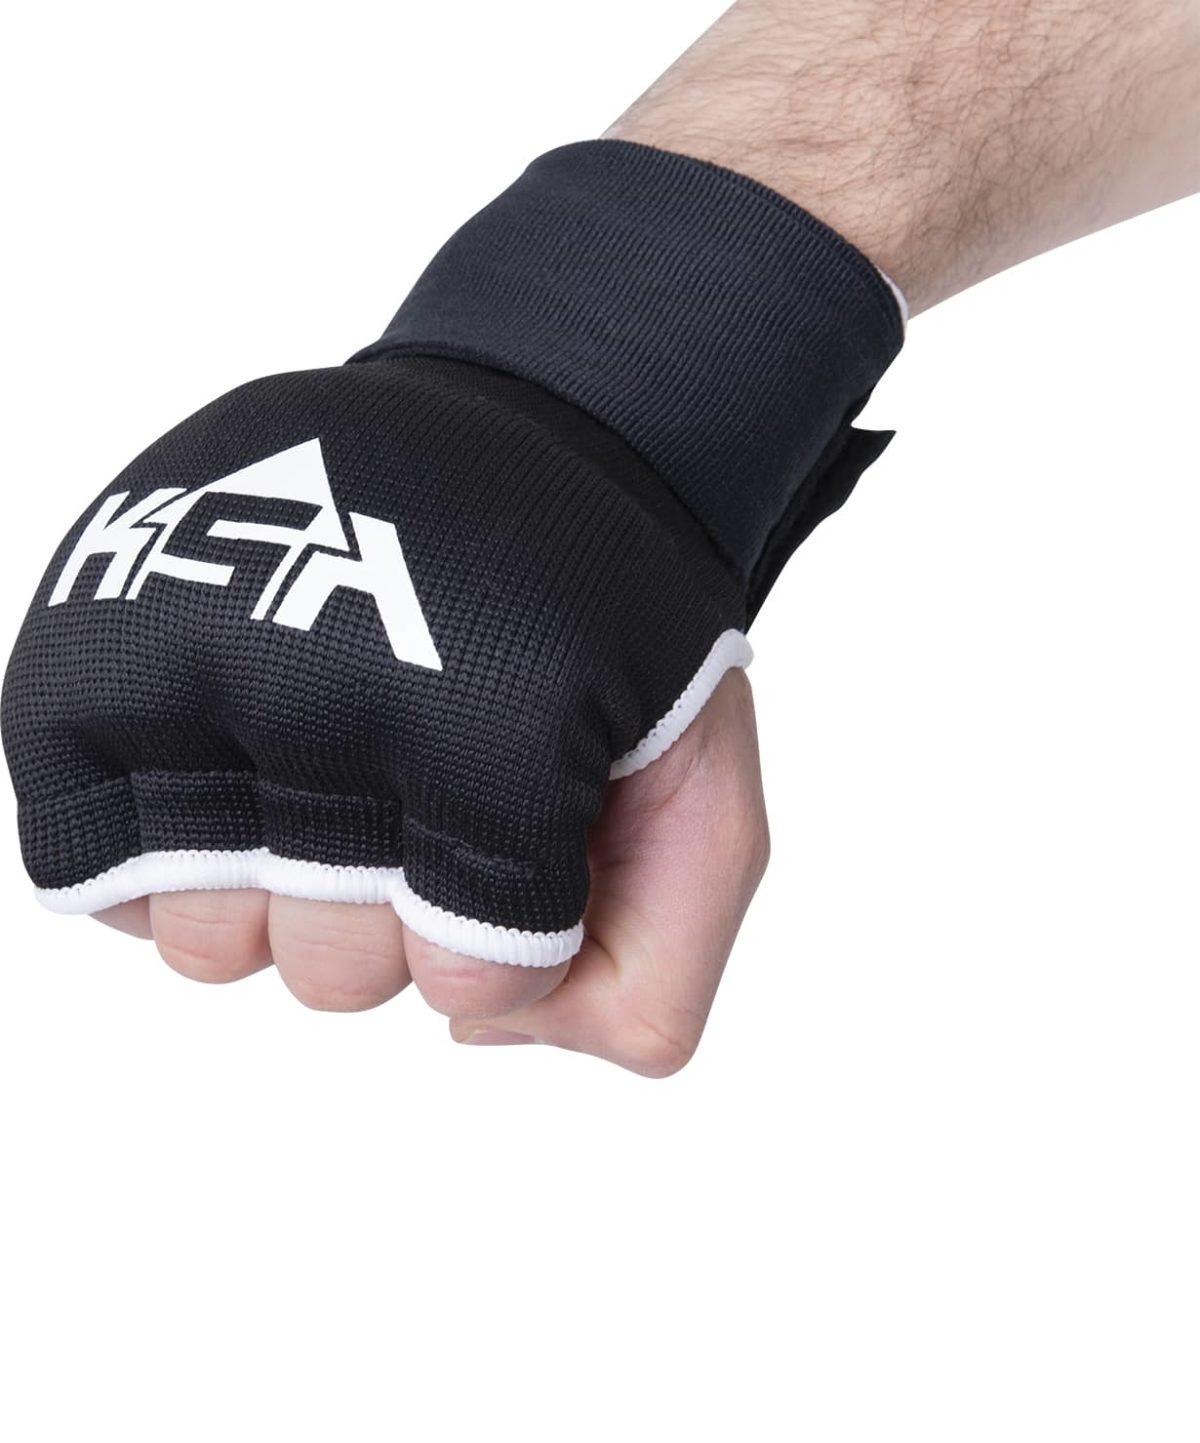 KSA Bull Gel Black Перчатки внутренние для бокса 17906 - 3